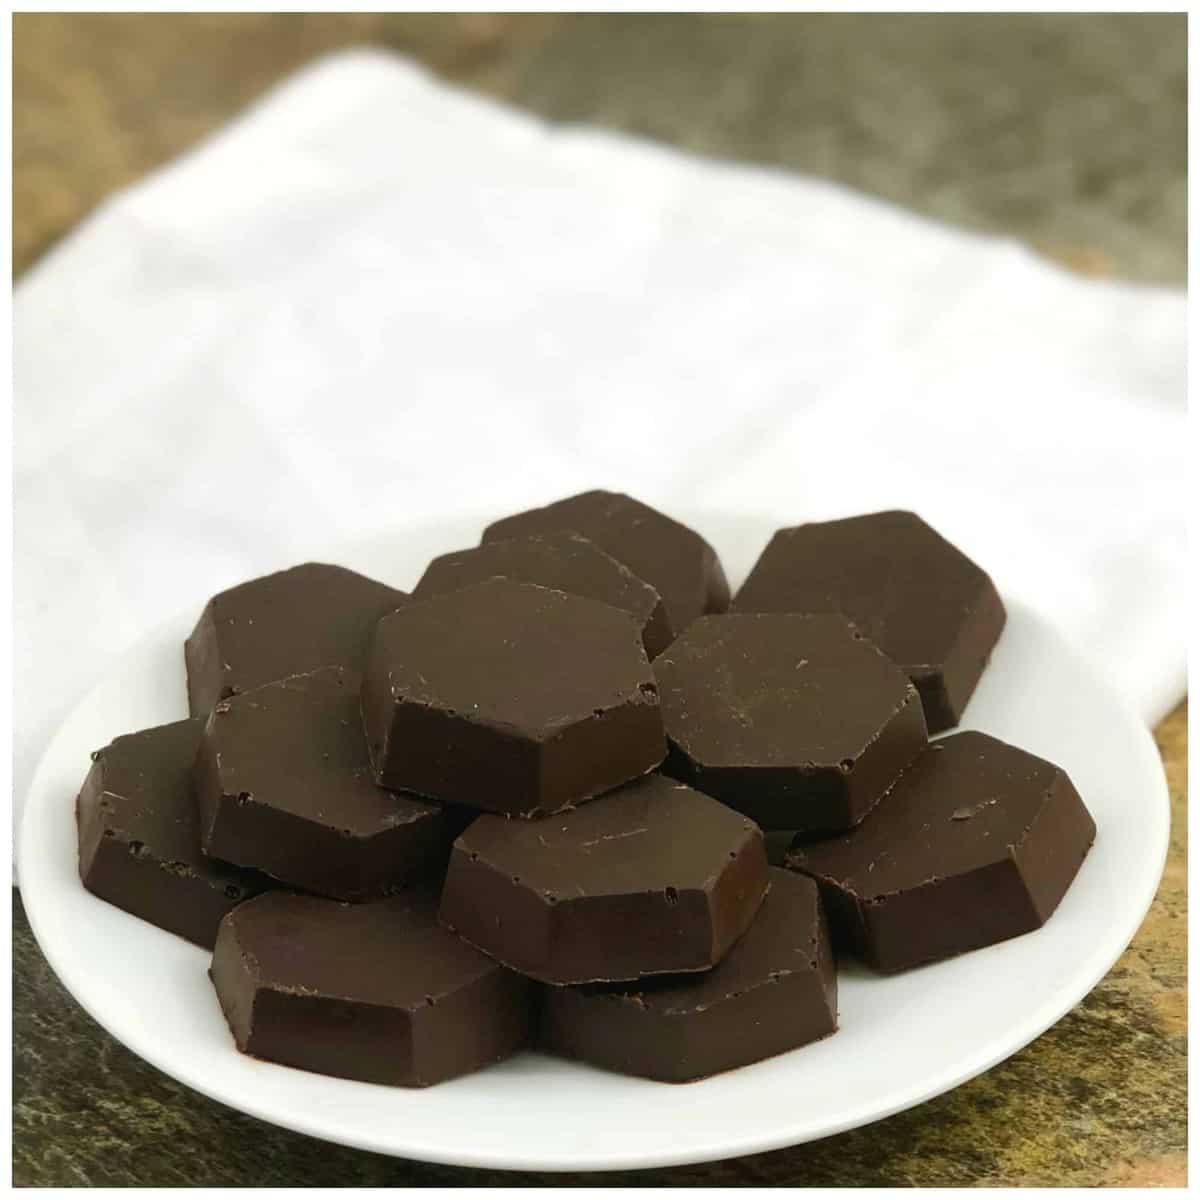 Keto Chocolate Fat Bombs- Easy Fat Bombs Recipe